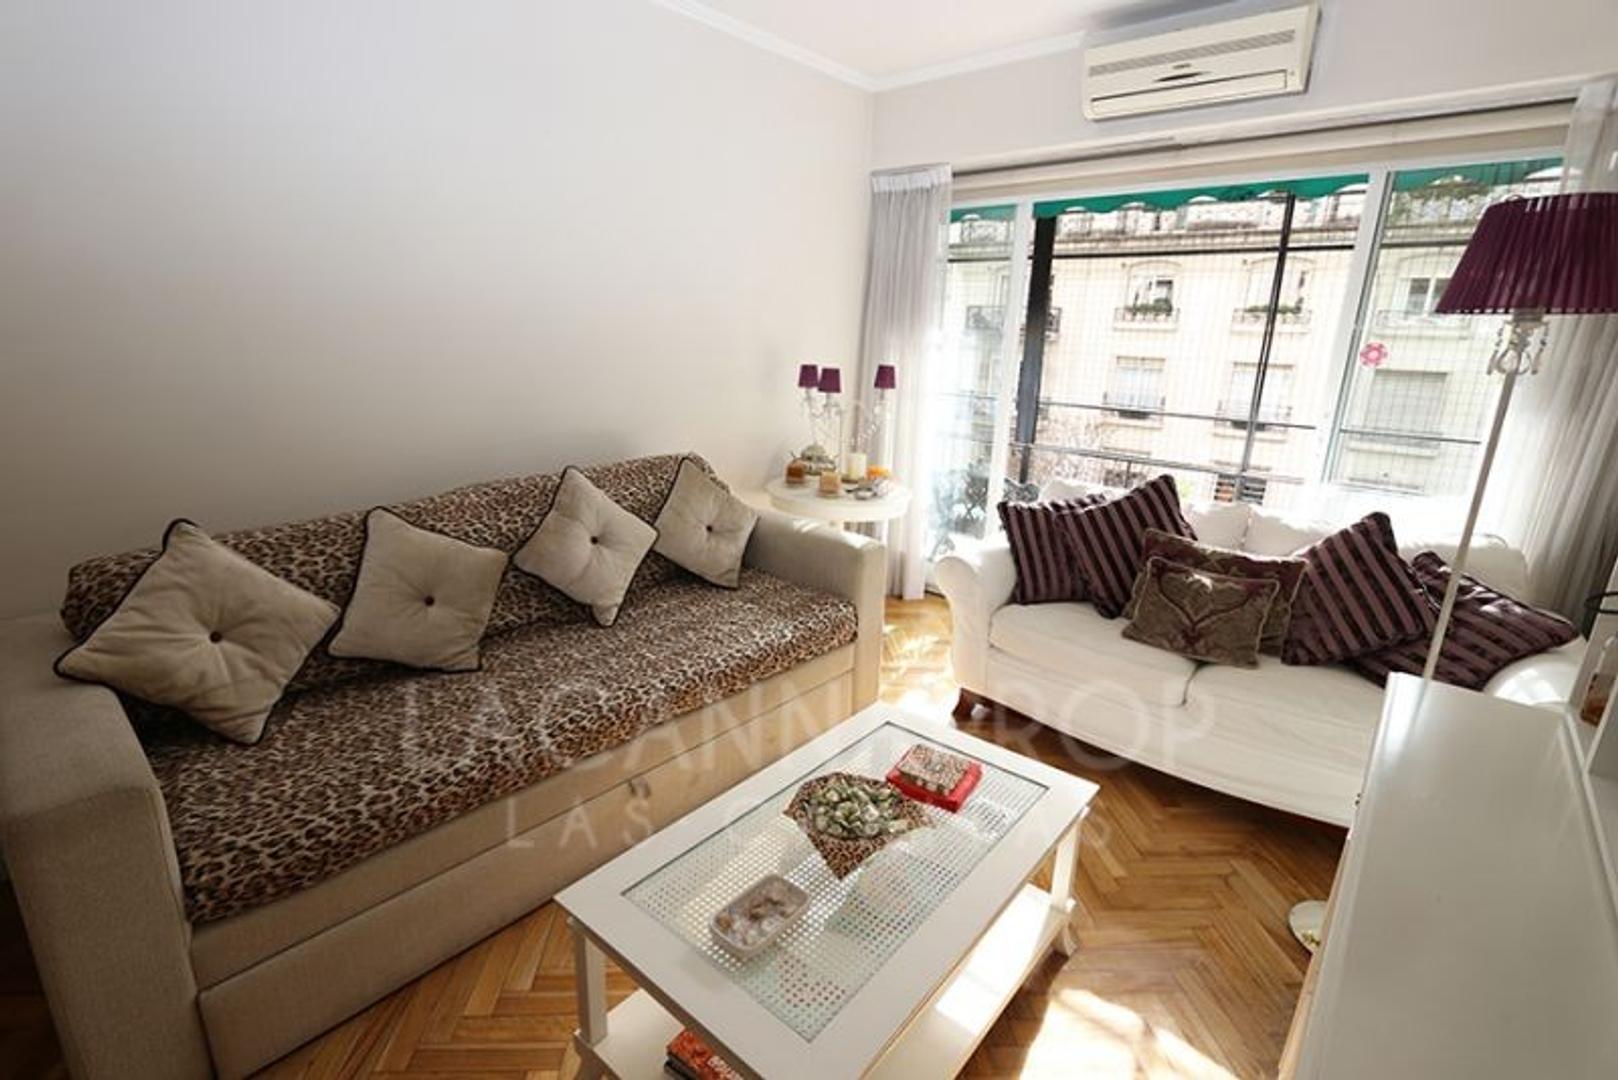 Departamento - 37 m² | 1 dormitorio | 45 años